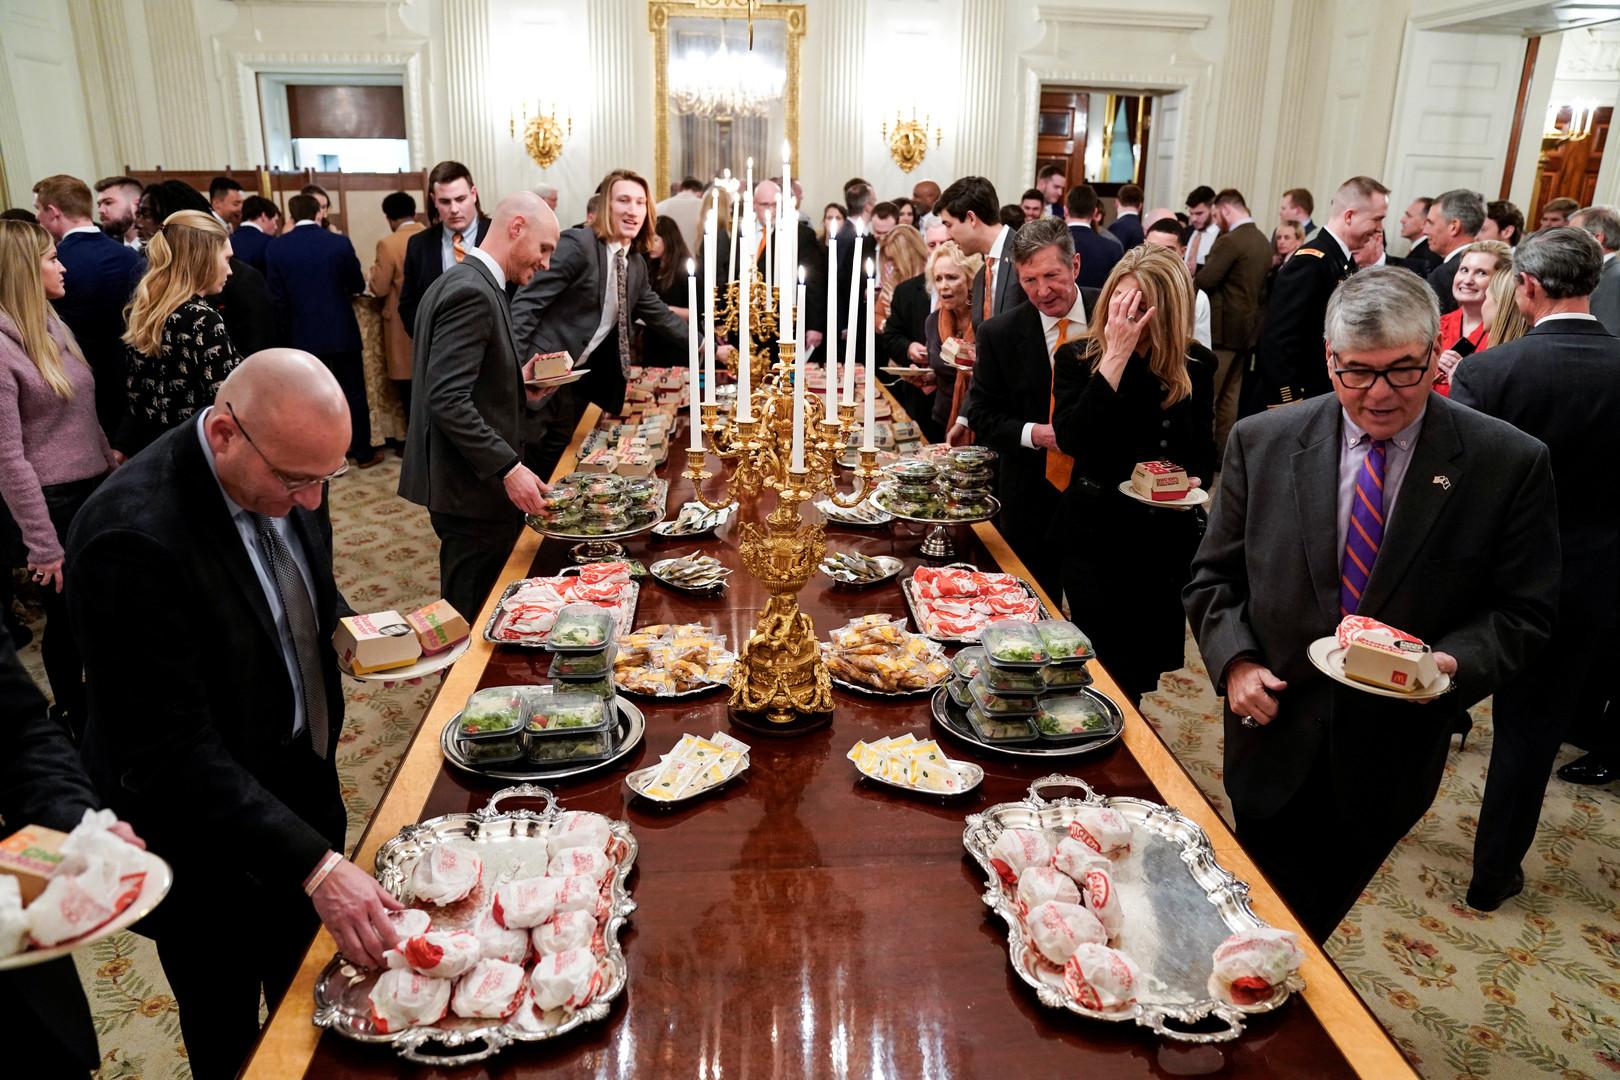 صور.. ترامب يتحمل نفقات الضيافة على حسابه الخاص ويقدم لضيوفه